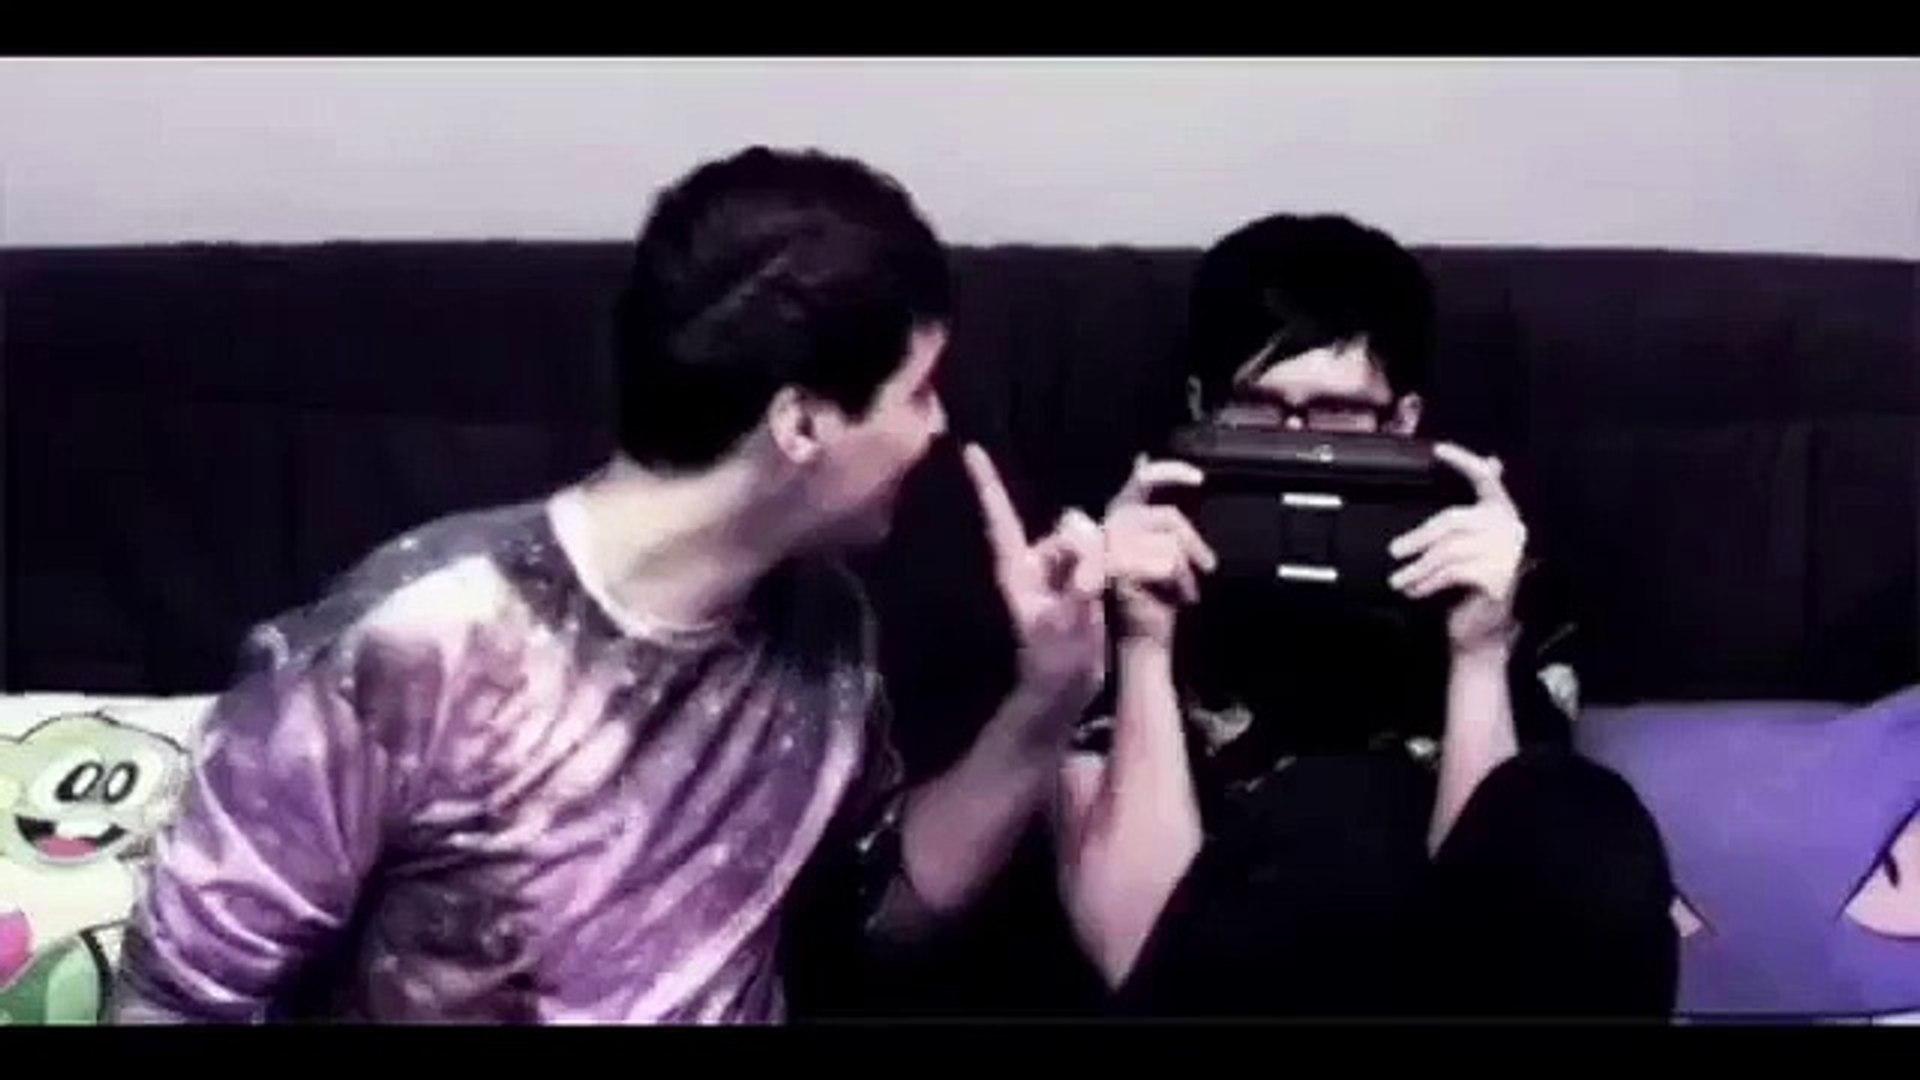 cute phan video